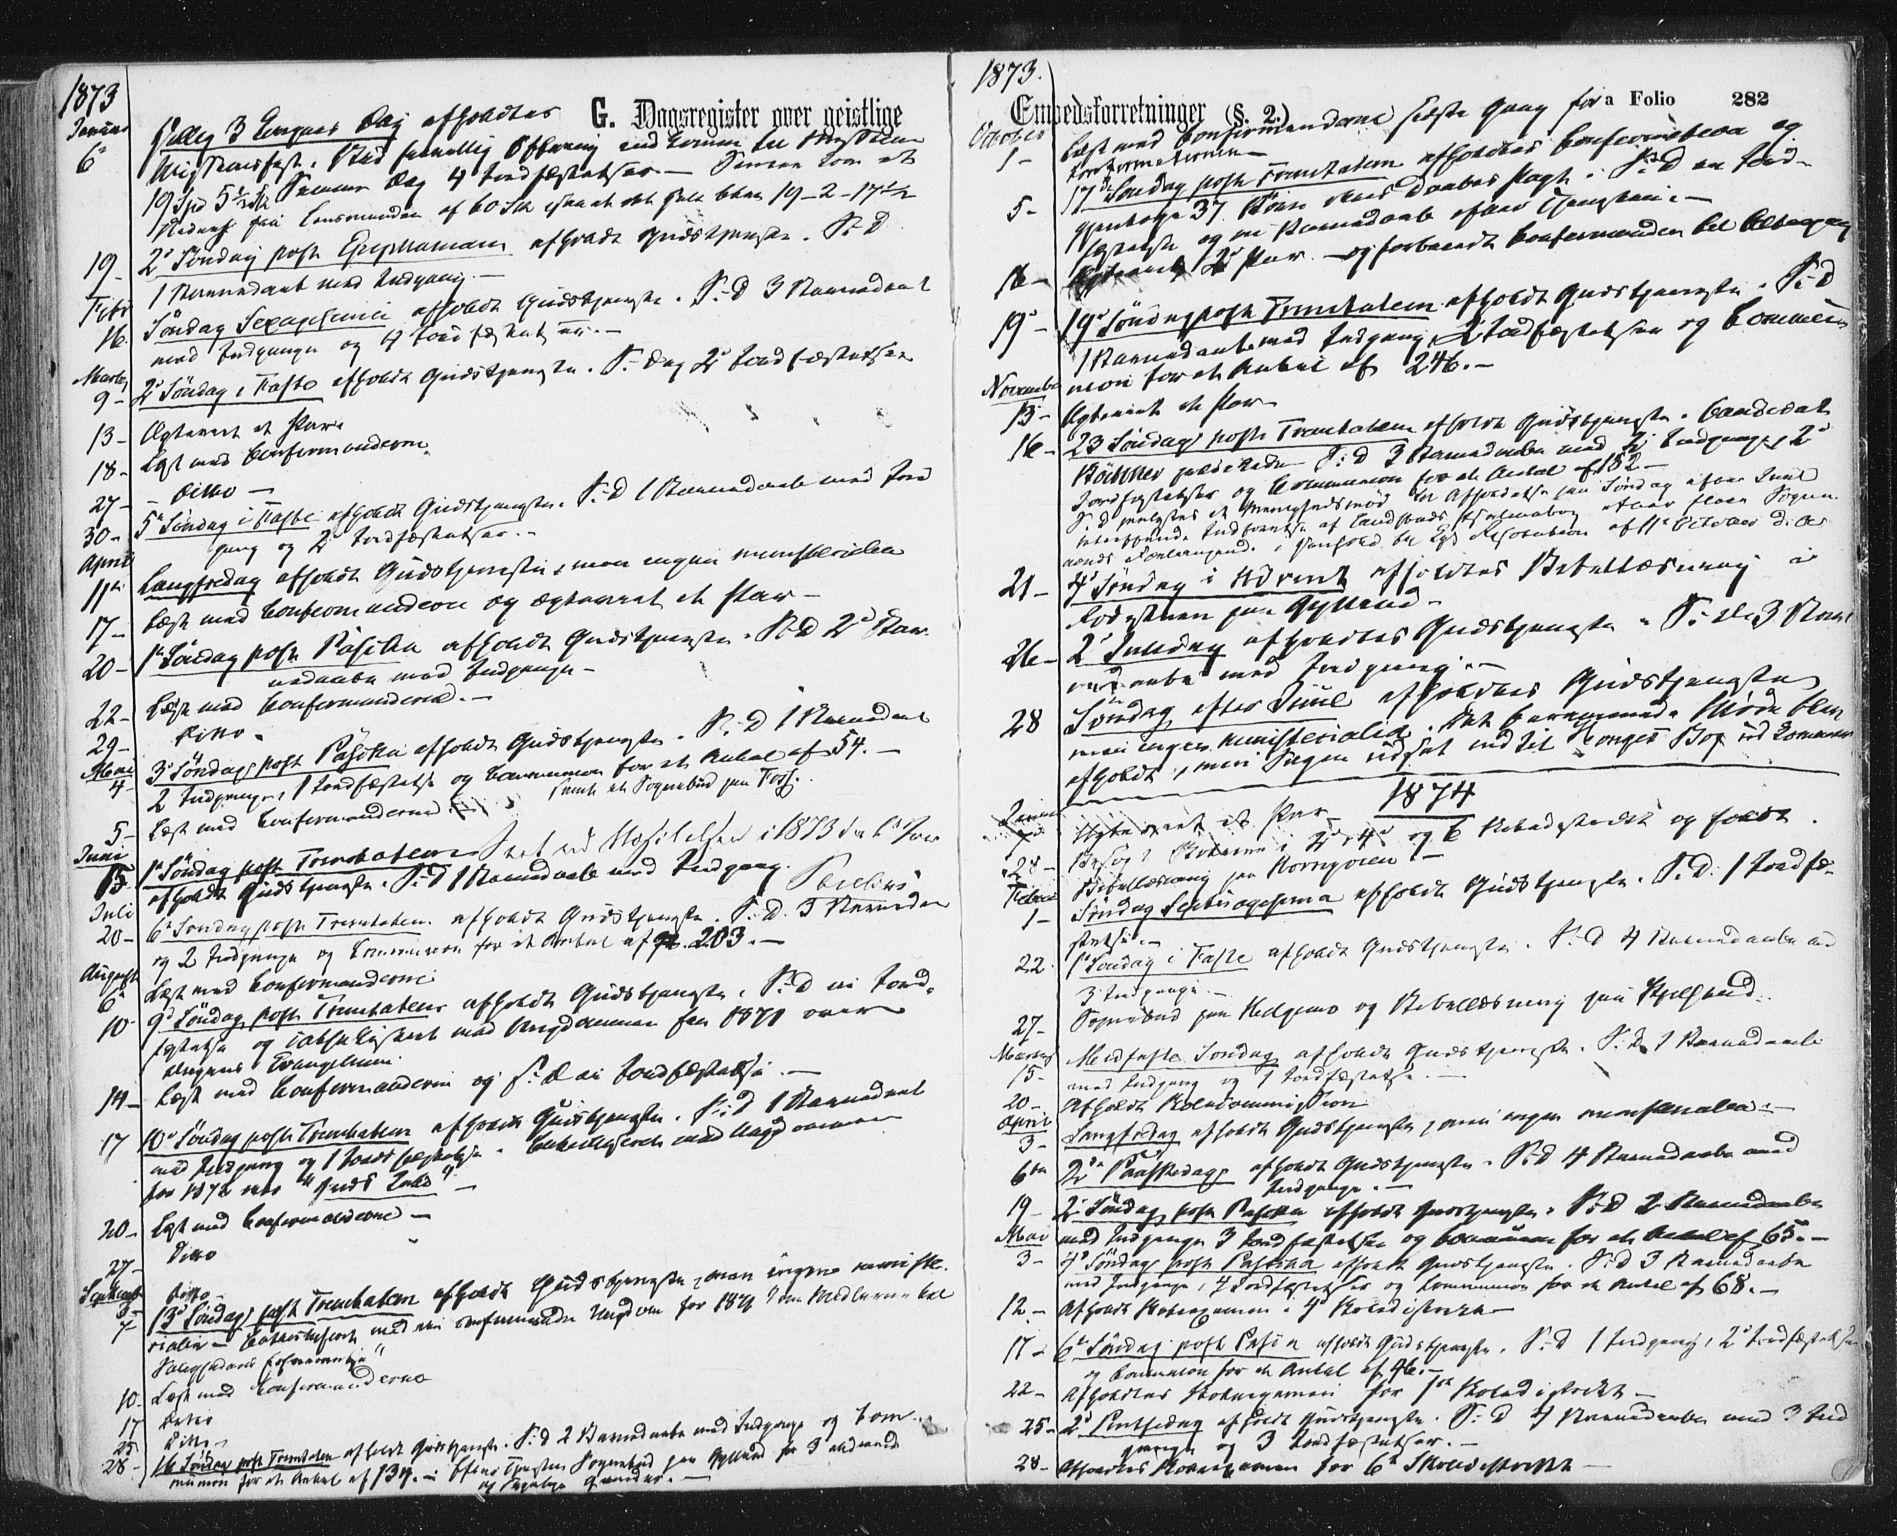 SAT, Ministerialprotokoller, klokkerbøker og fødselsregistre - Sør-Trøndelag, 692/L1104: Ministerialbok nr. 692A04, 1862-1878, s. 282